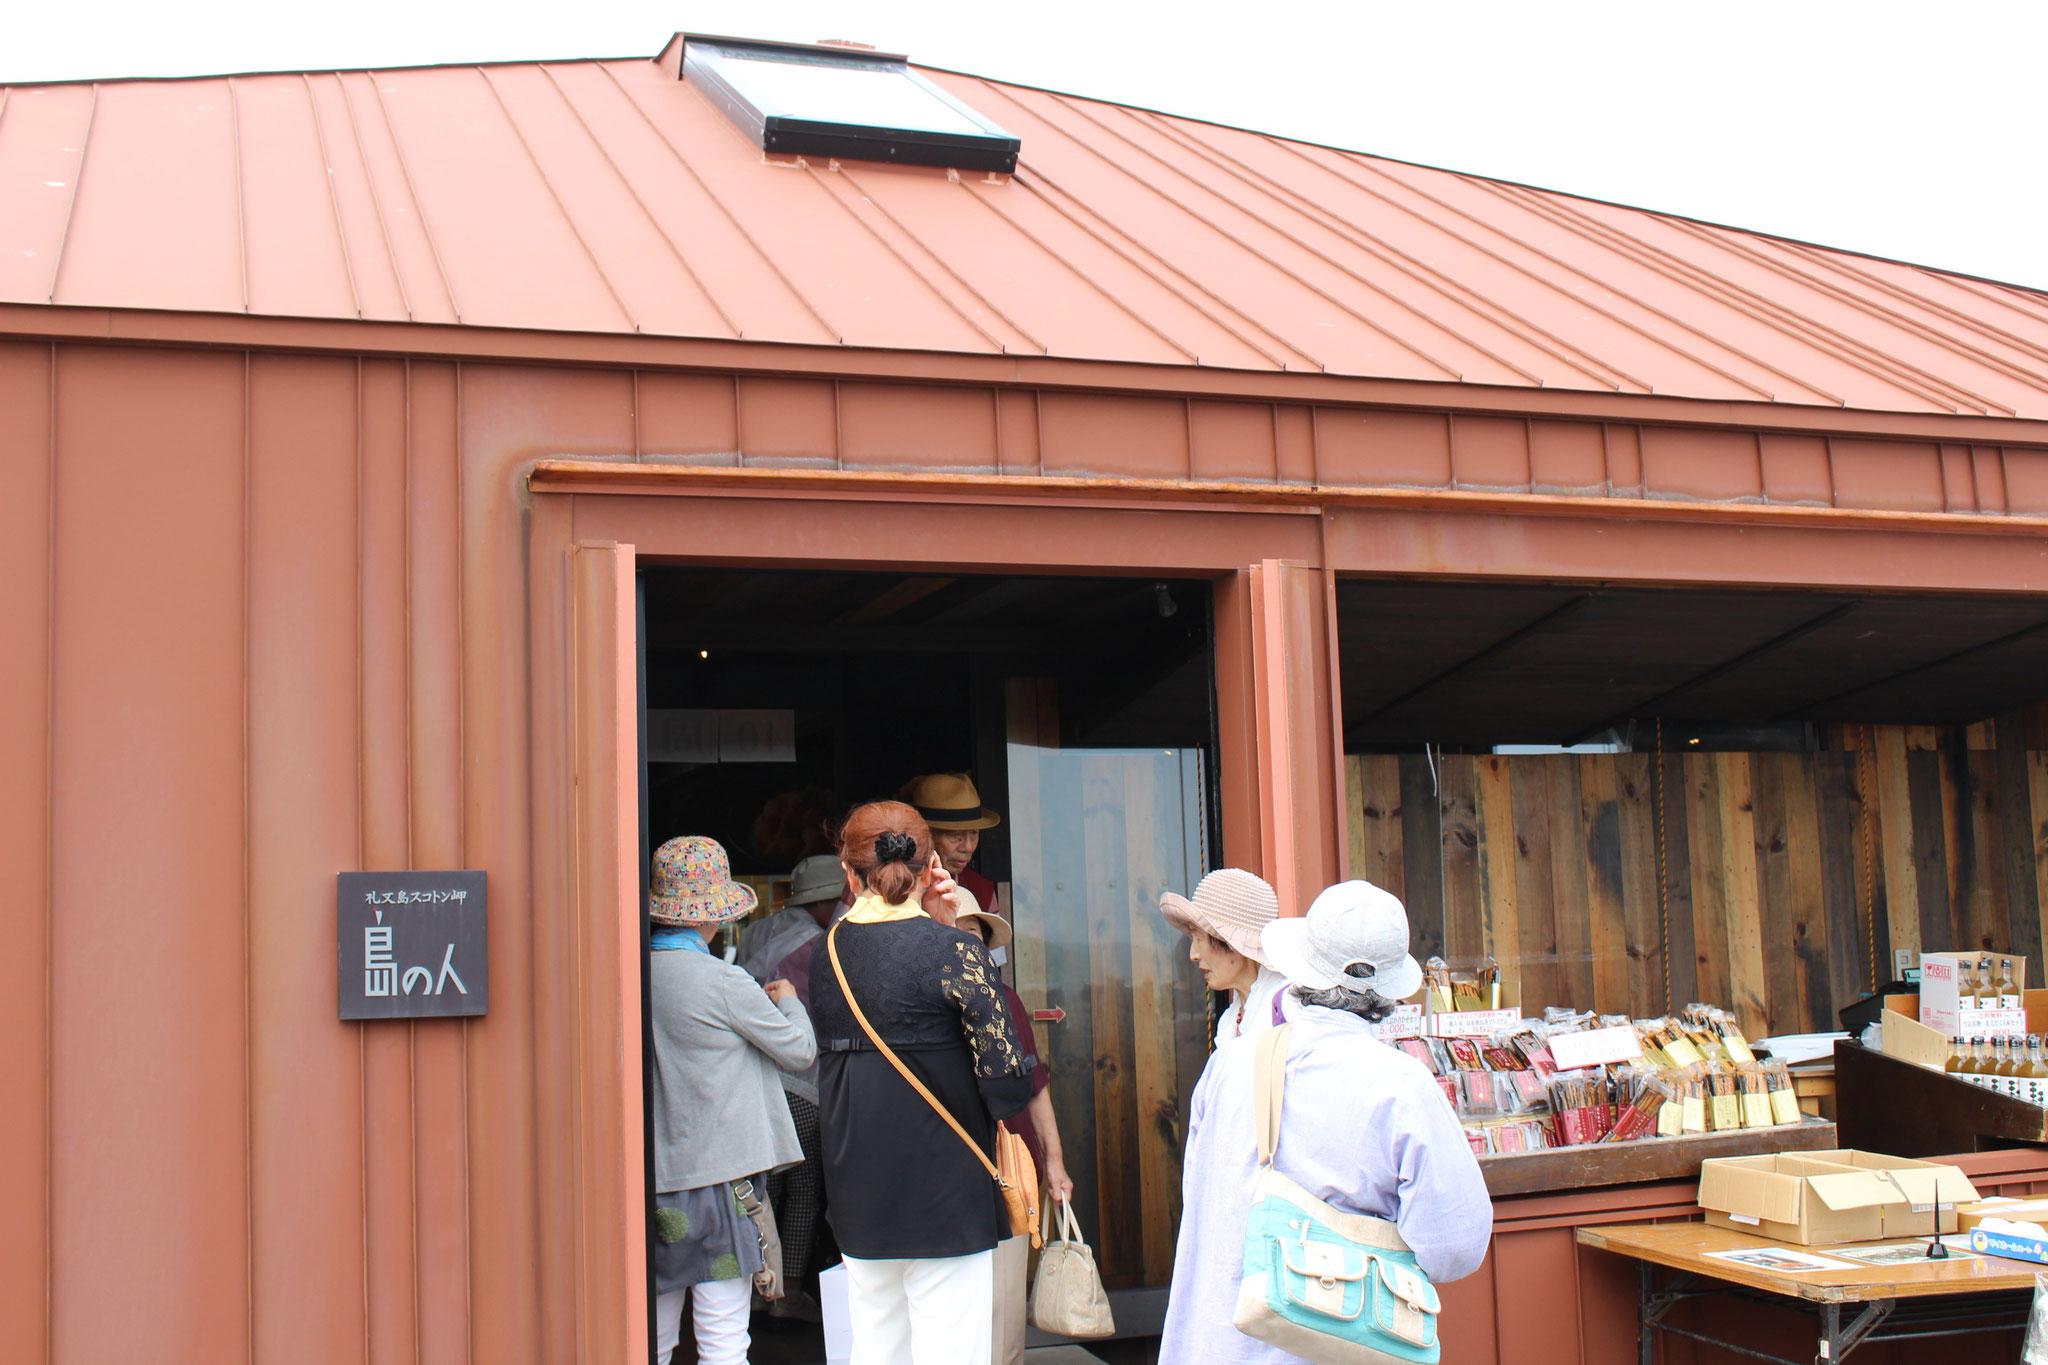 スコトン岬の一軒の物産店です。